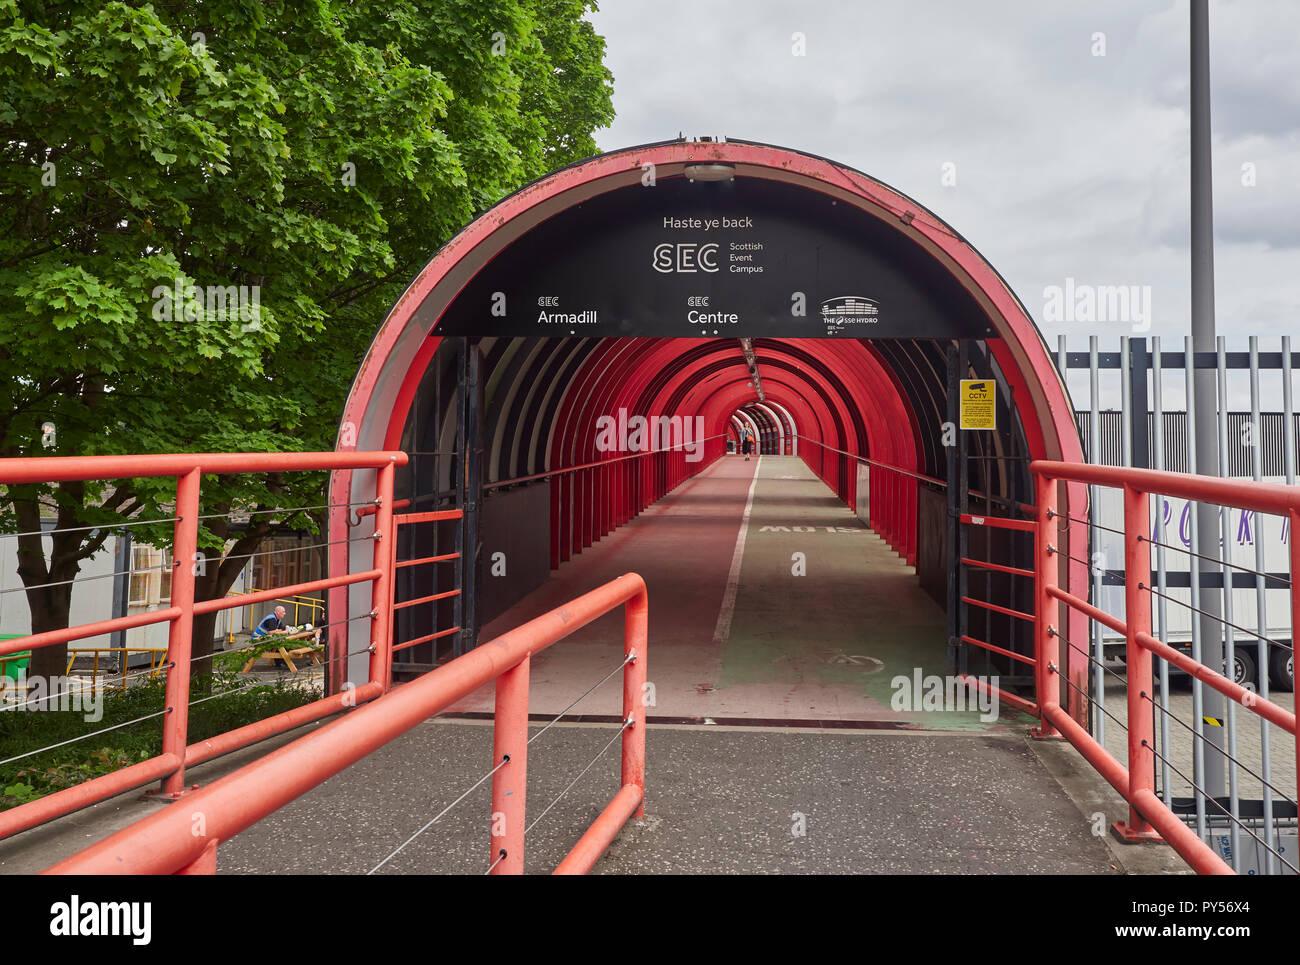 Die Fußgängerzone und den Gehweg von der SEK über die Clydeside Express Way in Glasgow, Schottland, Großbritannien Stockfoto